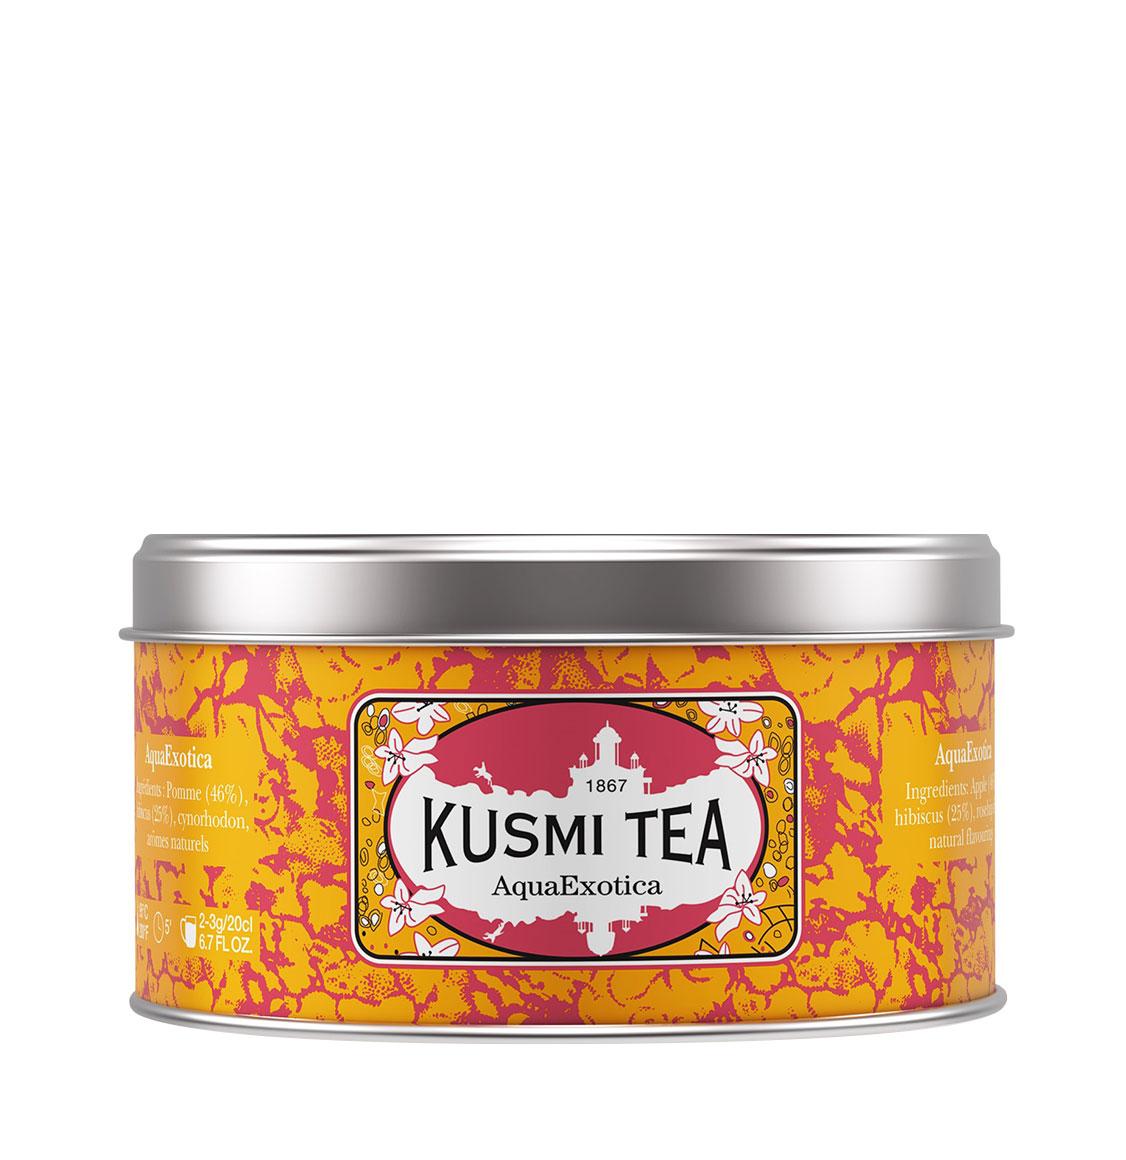 Kusmi Tea AquaExotica 125g